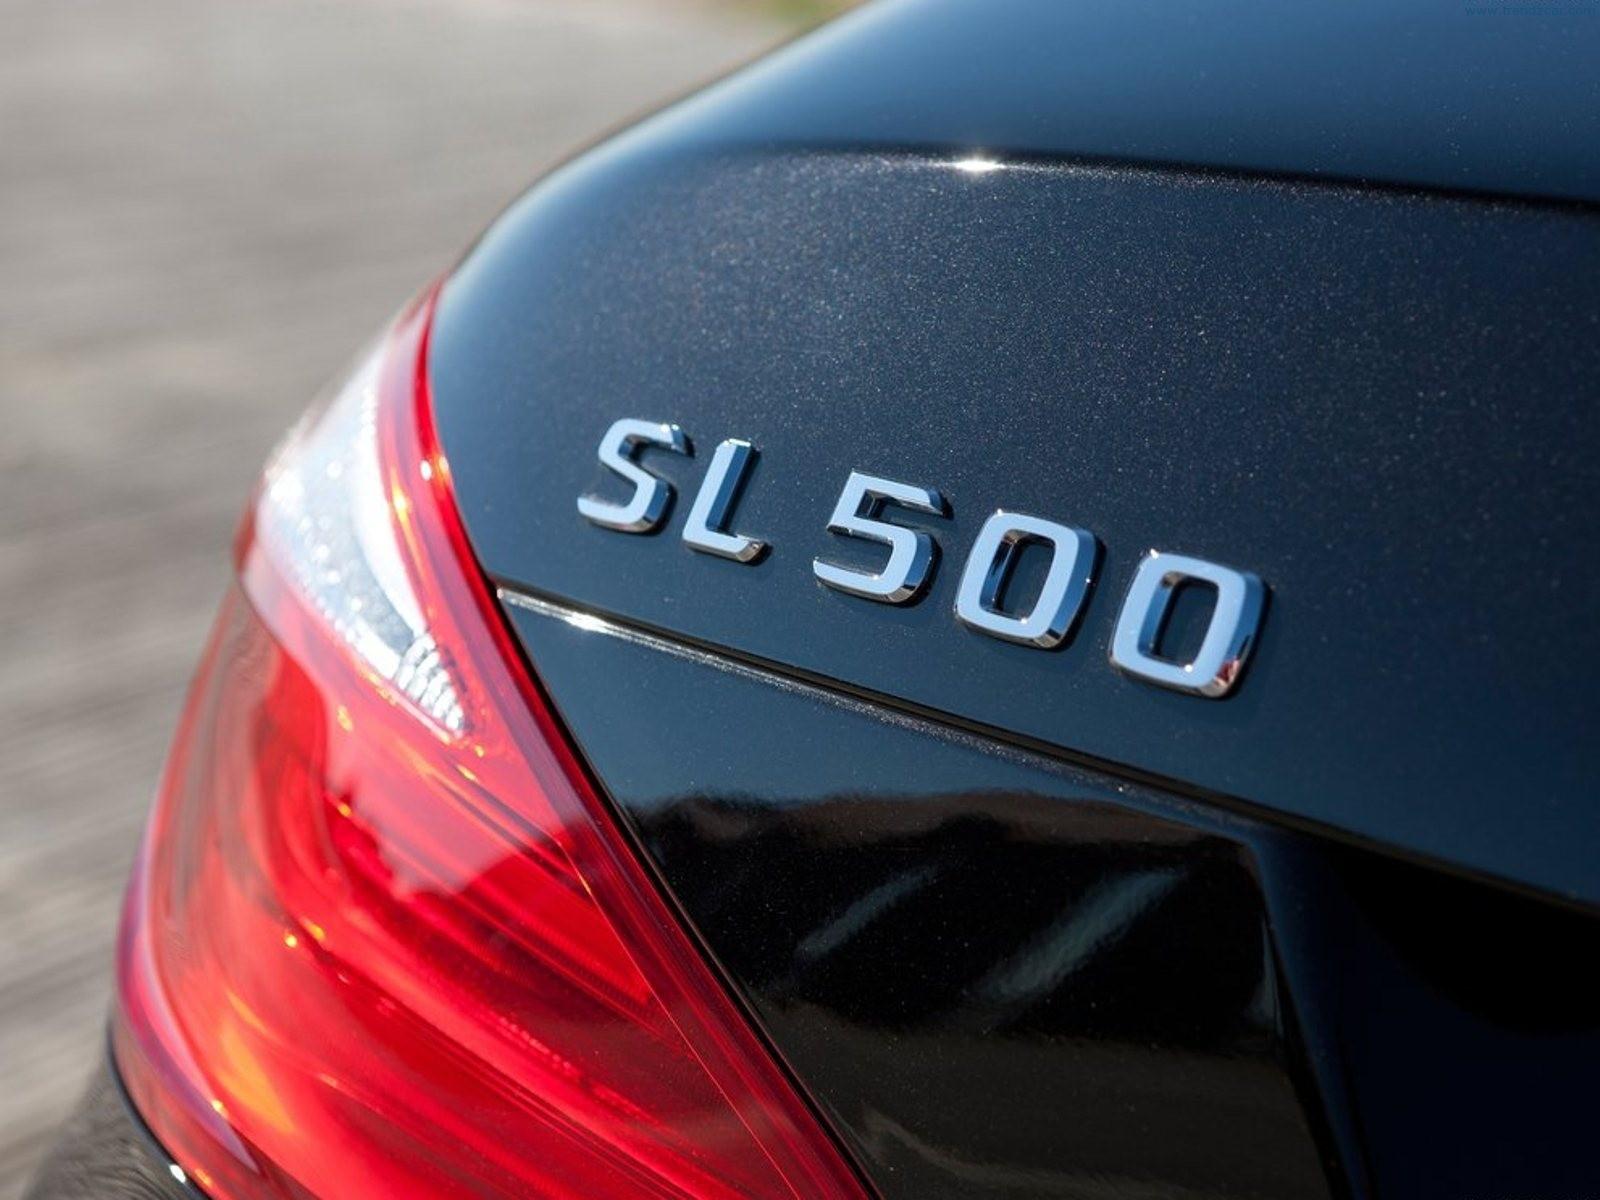 Mercedes-Benz SL vai regressar com base do AMG GT